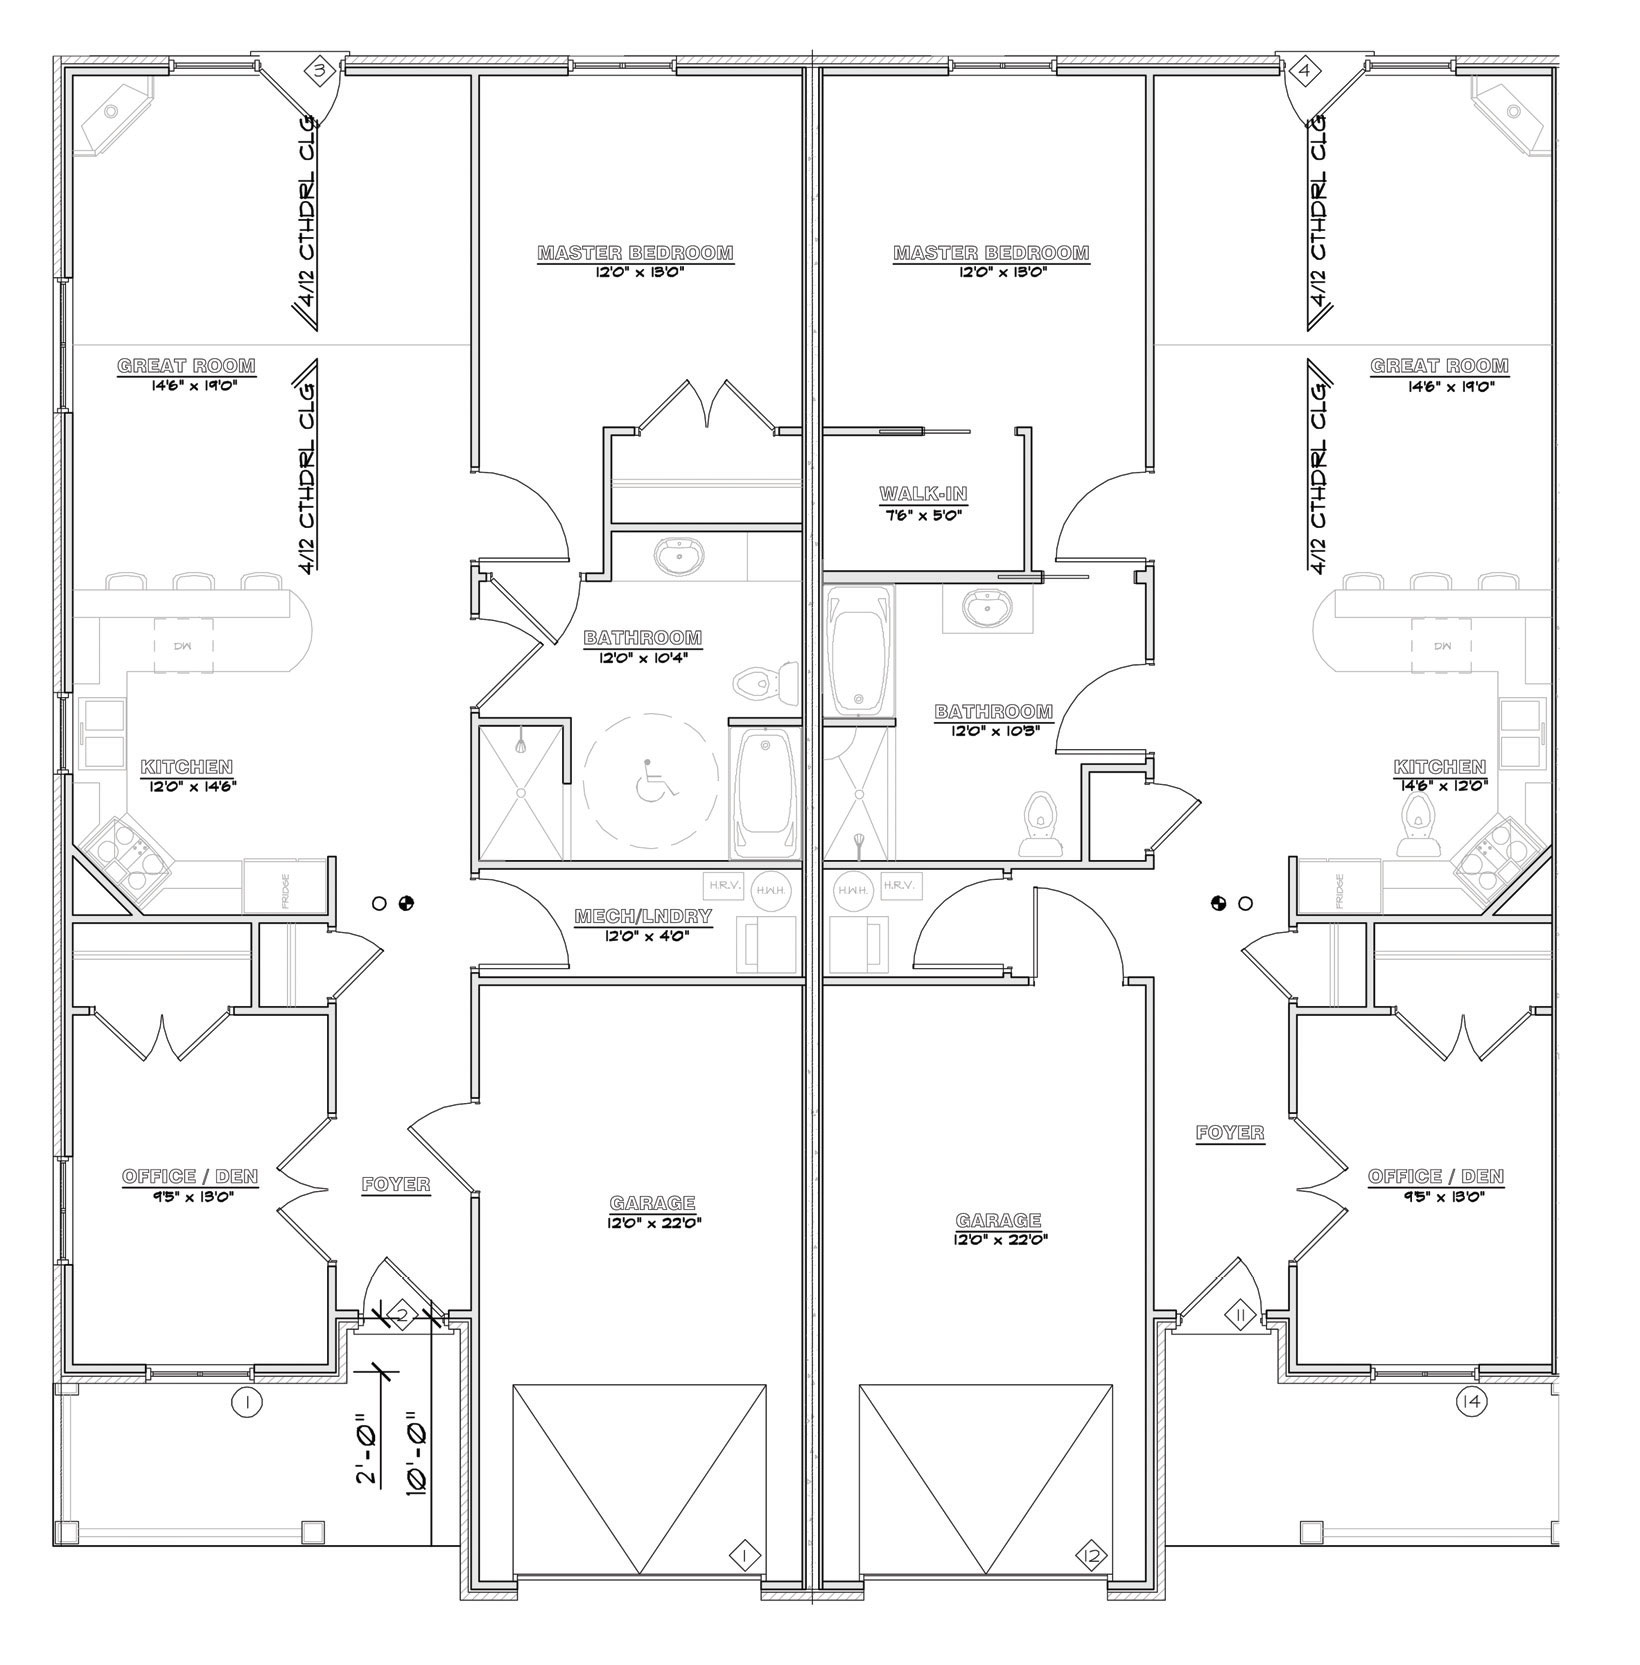 floor plan single level floor plan floor plans